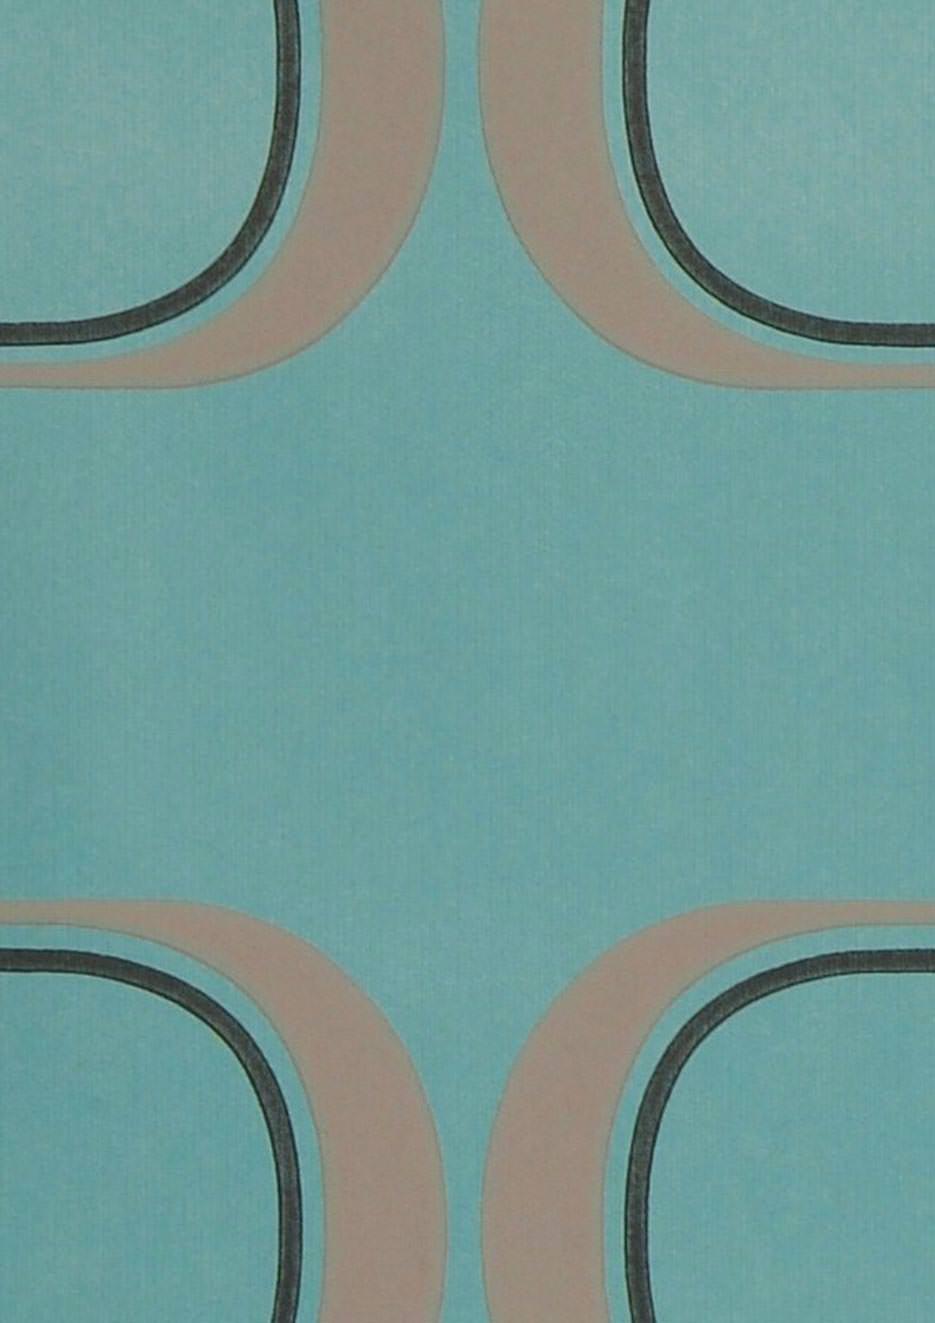 tapete dusares mintt rkis beige schwarz tapeten der 70er. Black Bedroom Furniture Sets. Home Design Ideas